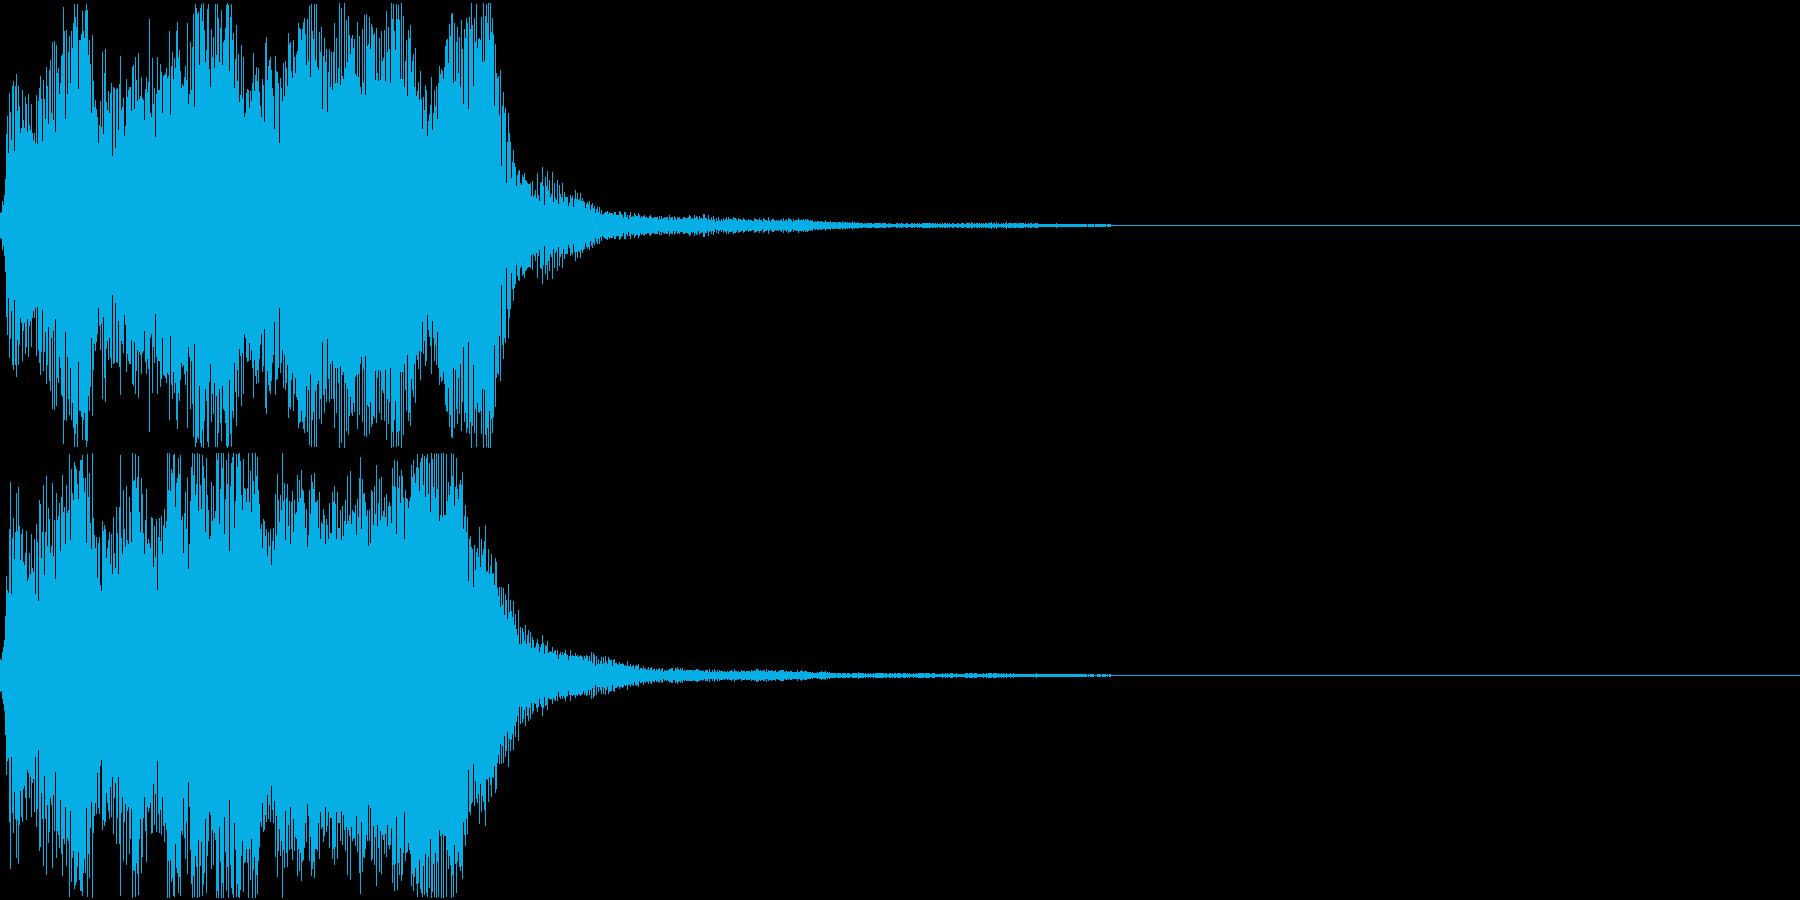 ラッパ ファンファーレ 定番 19の再生済みの波形